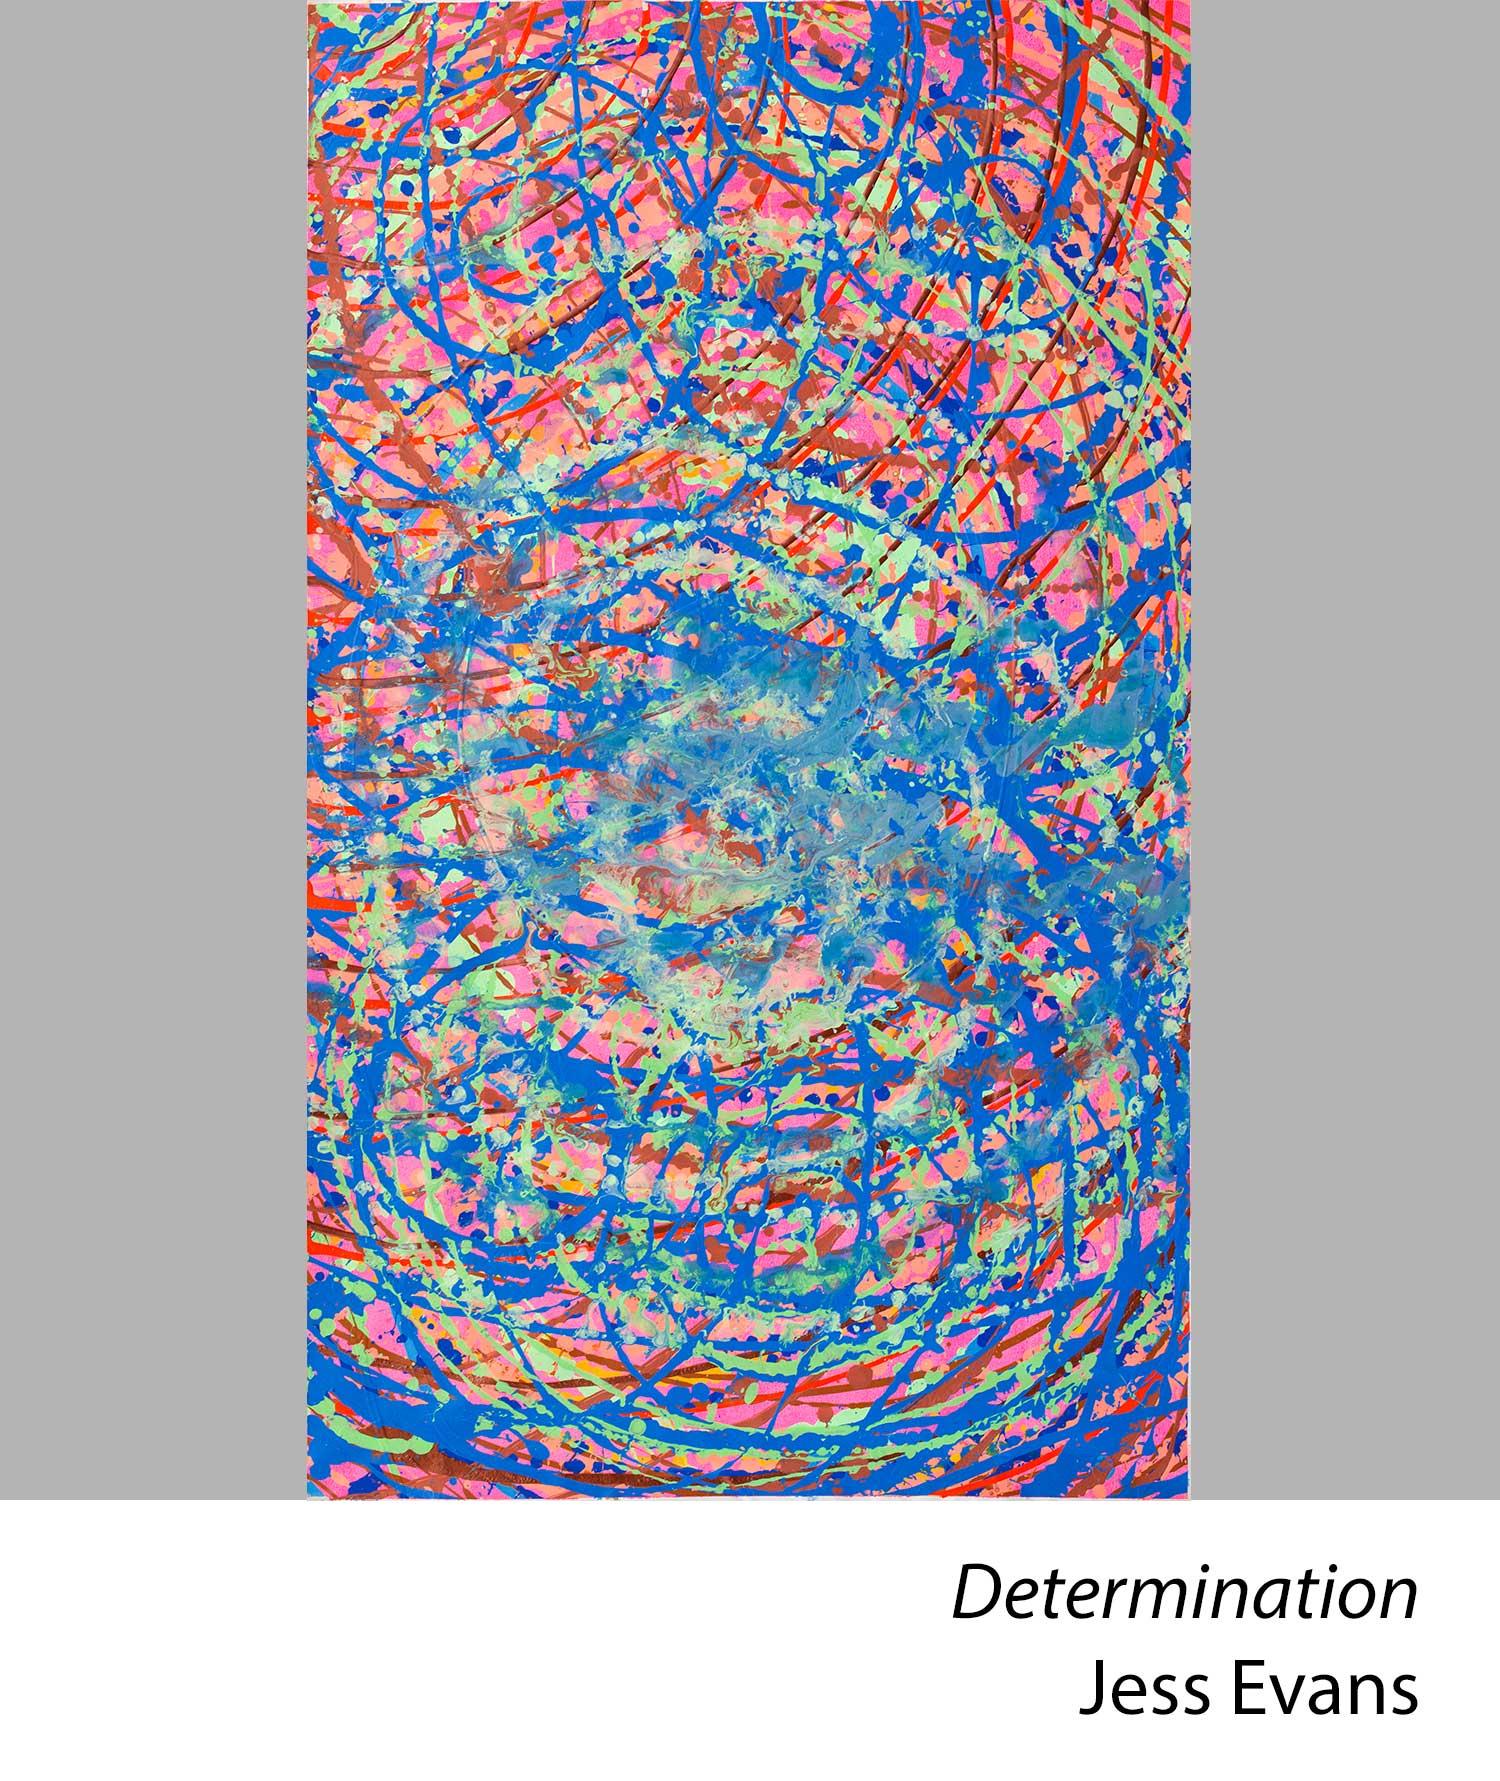 Determination by Jess Evans